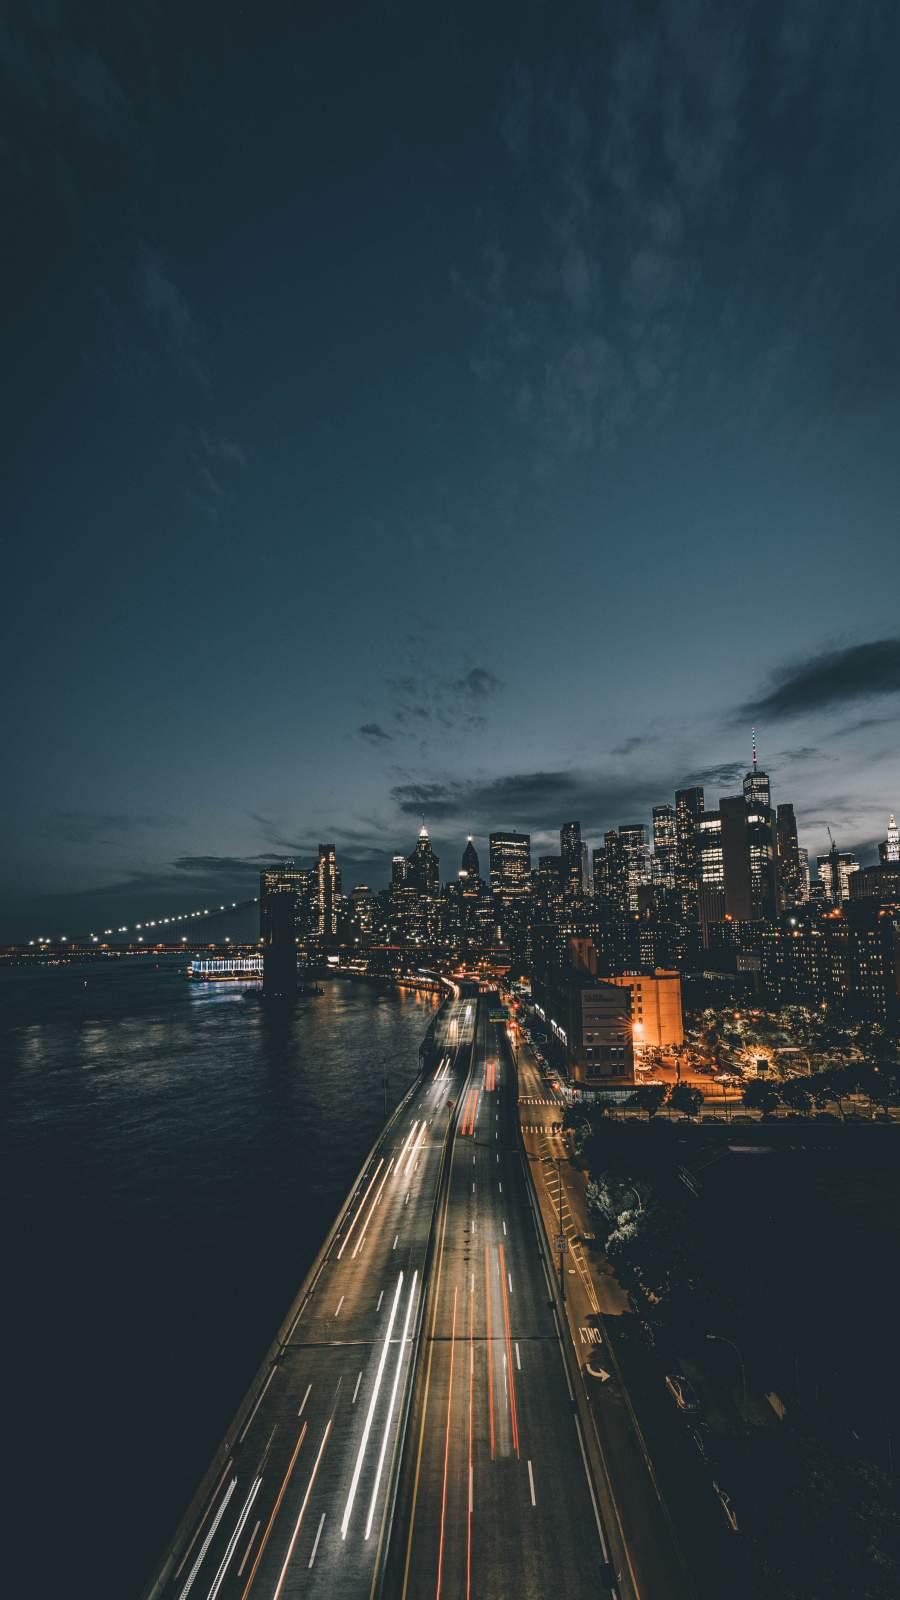 Night City Road Long Exposure